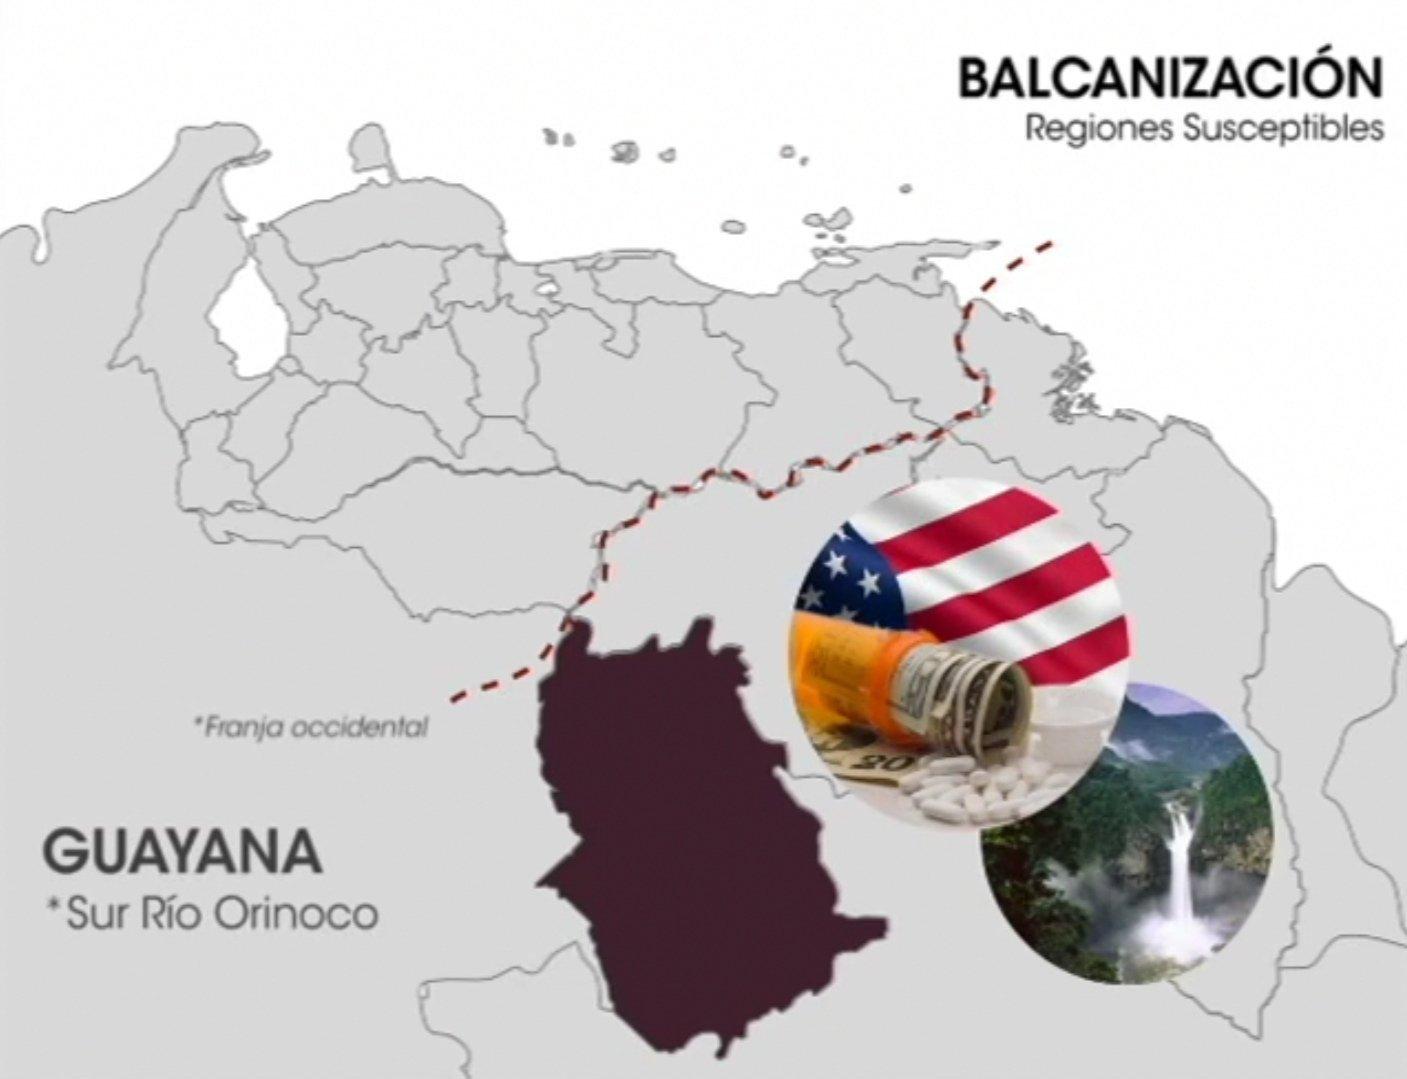 Guayana, regiones suceptibles de la balcanización en el mapa